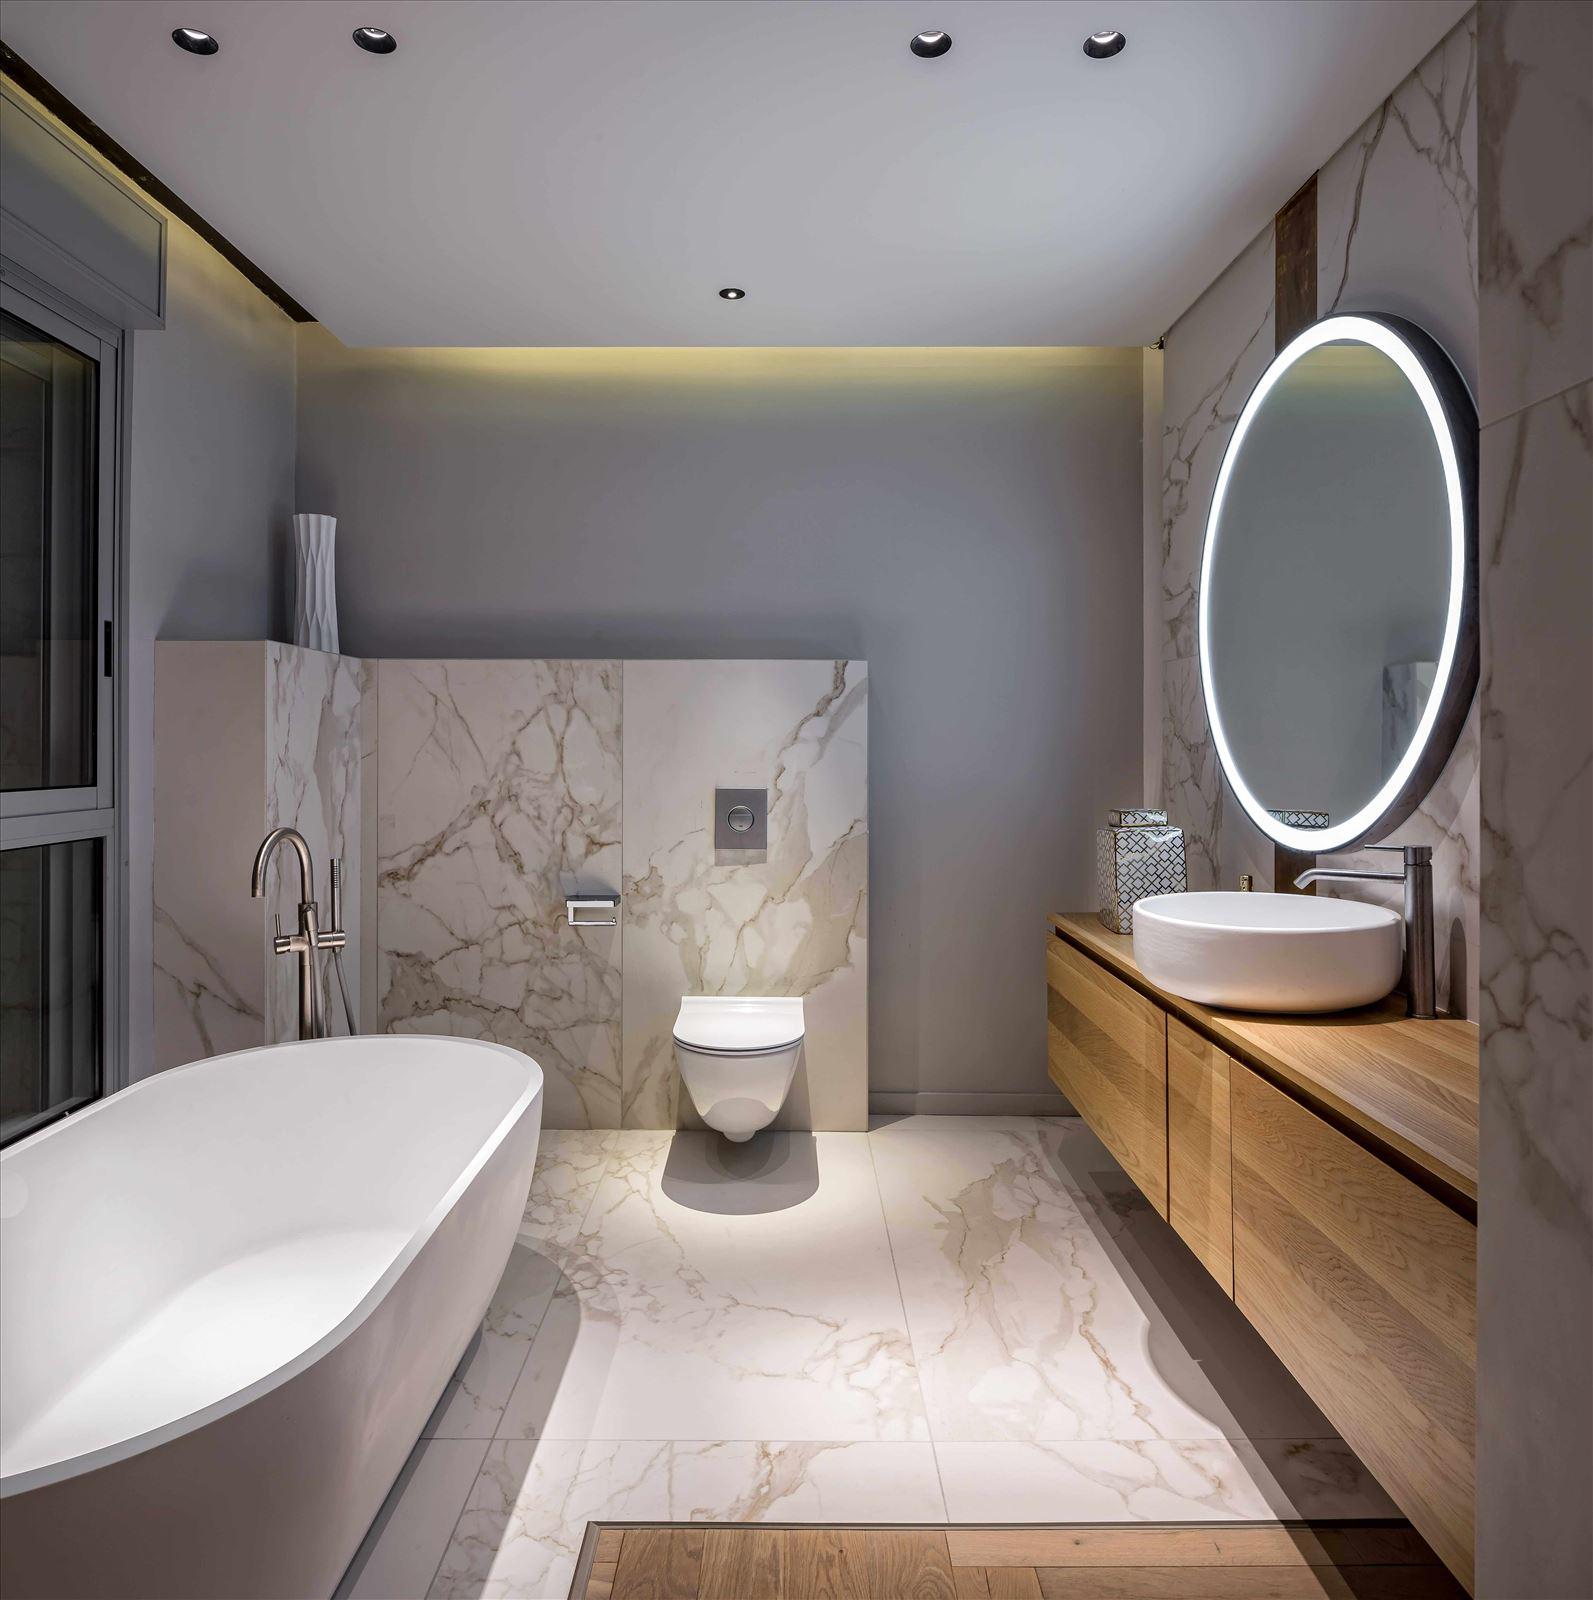 תאורה בחדר האמבטיה - פרויקט תאורה בבית פרטי על ידי קמחי תאורה